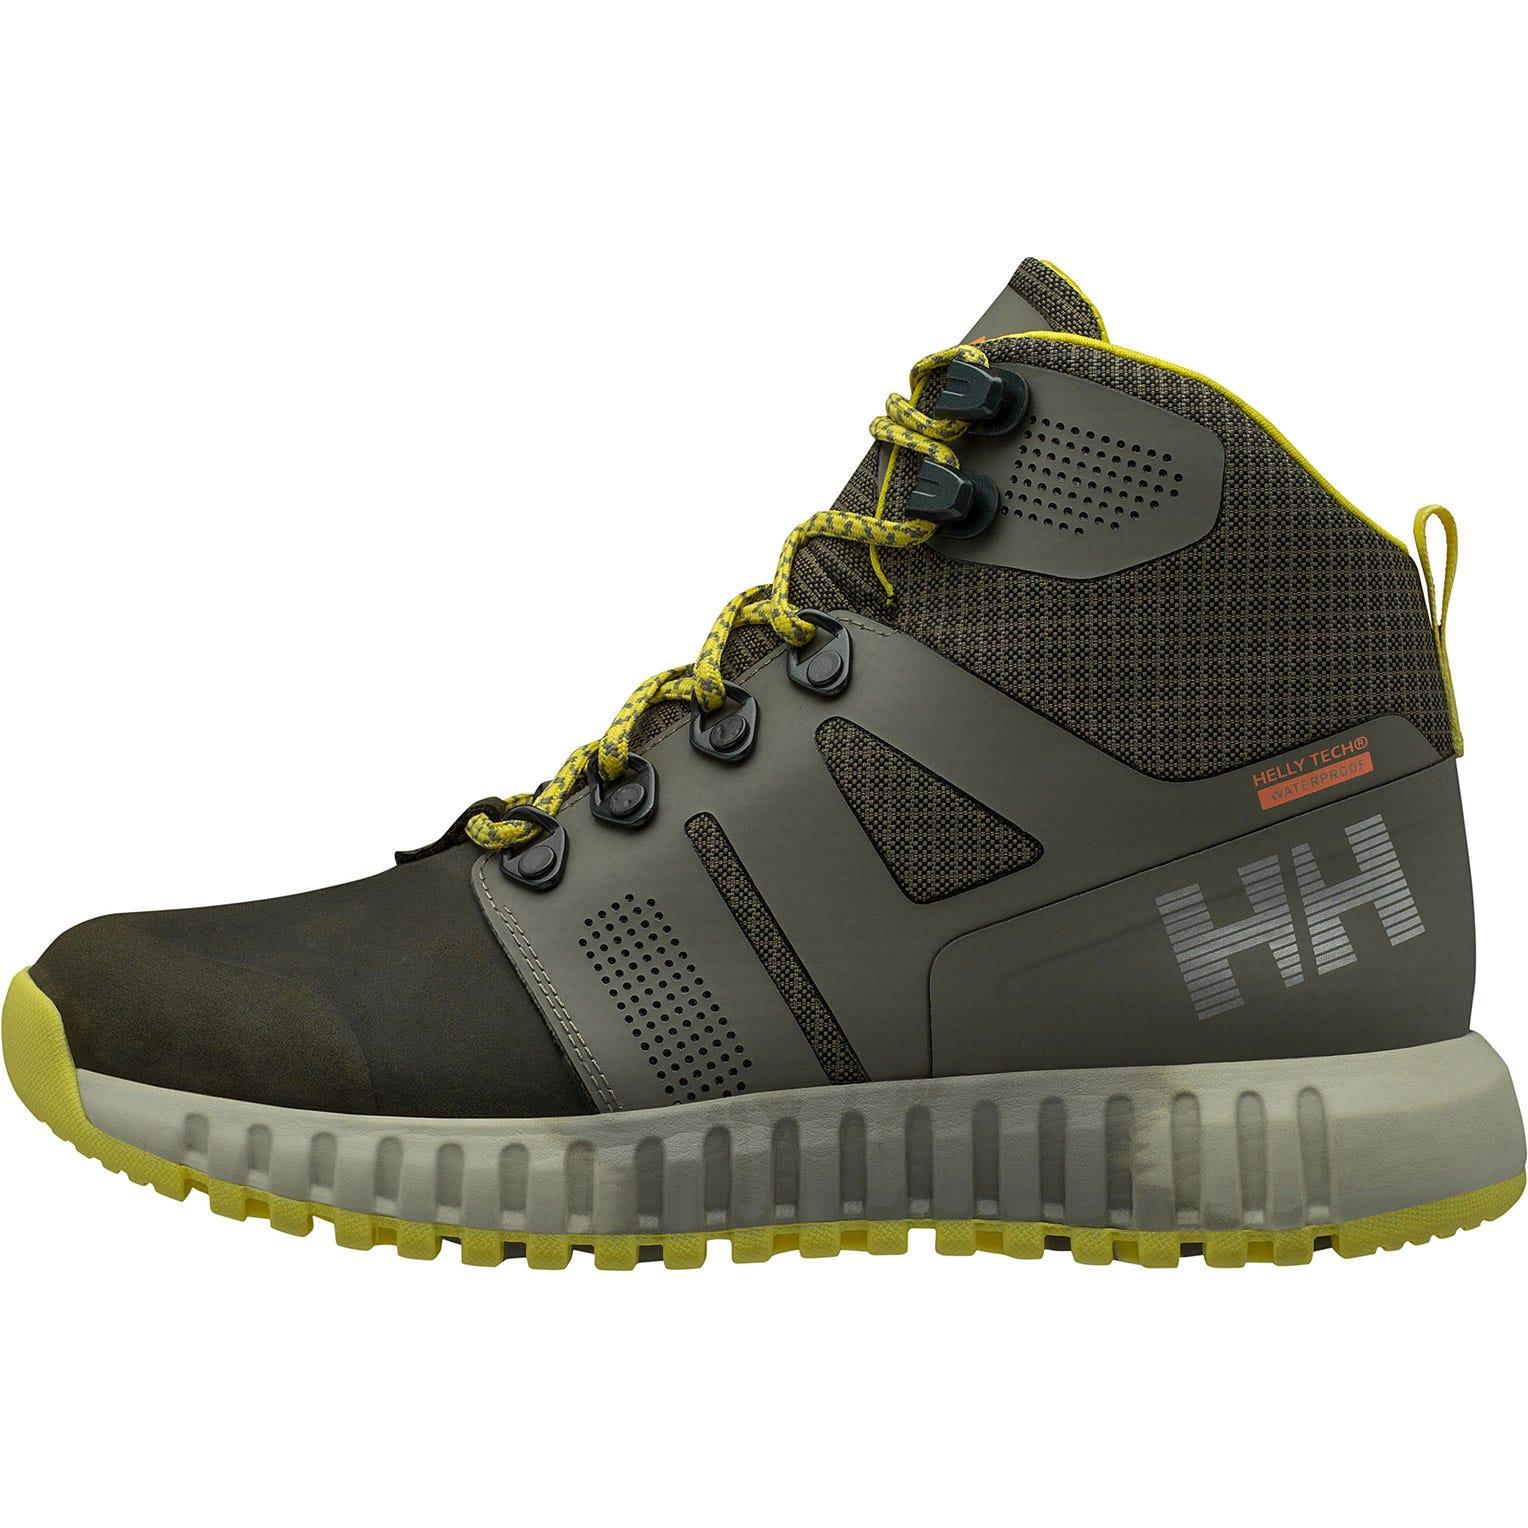 Helly Hansen W Vanir Gallivant Ht Womens Hiking Boot Beige 40.5/9